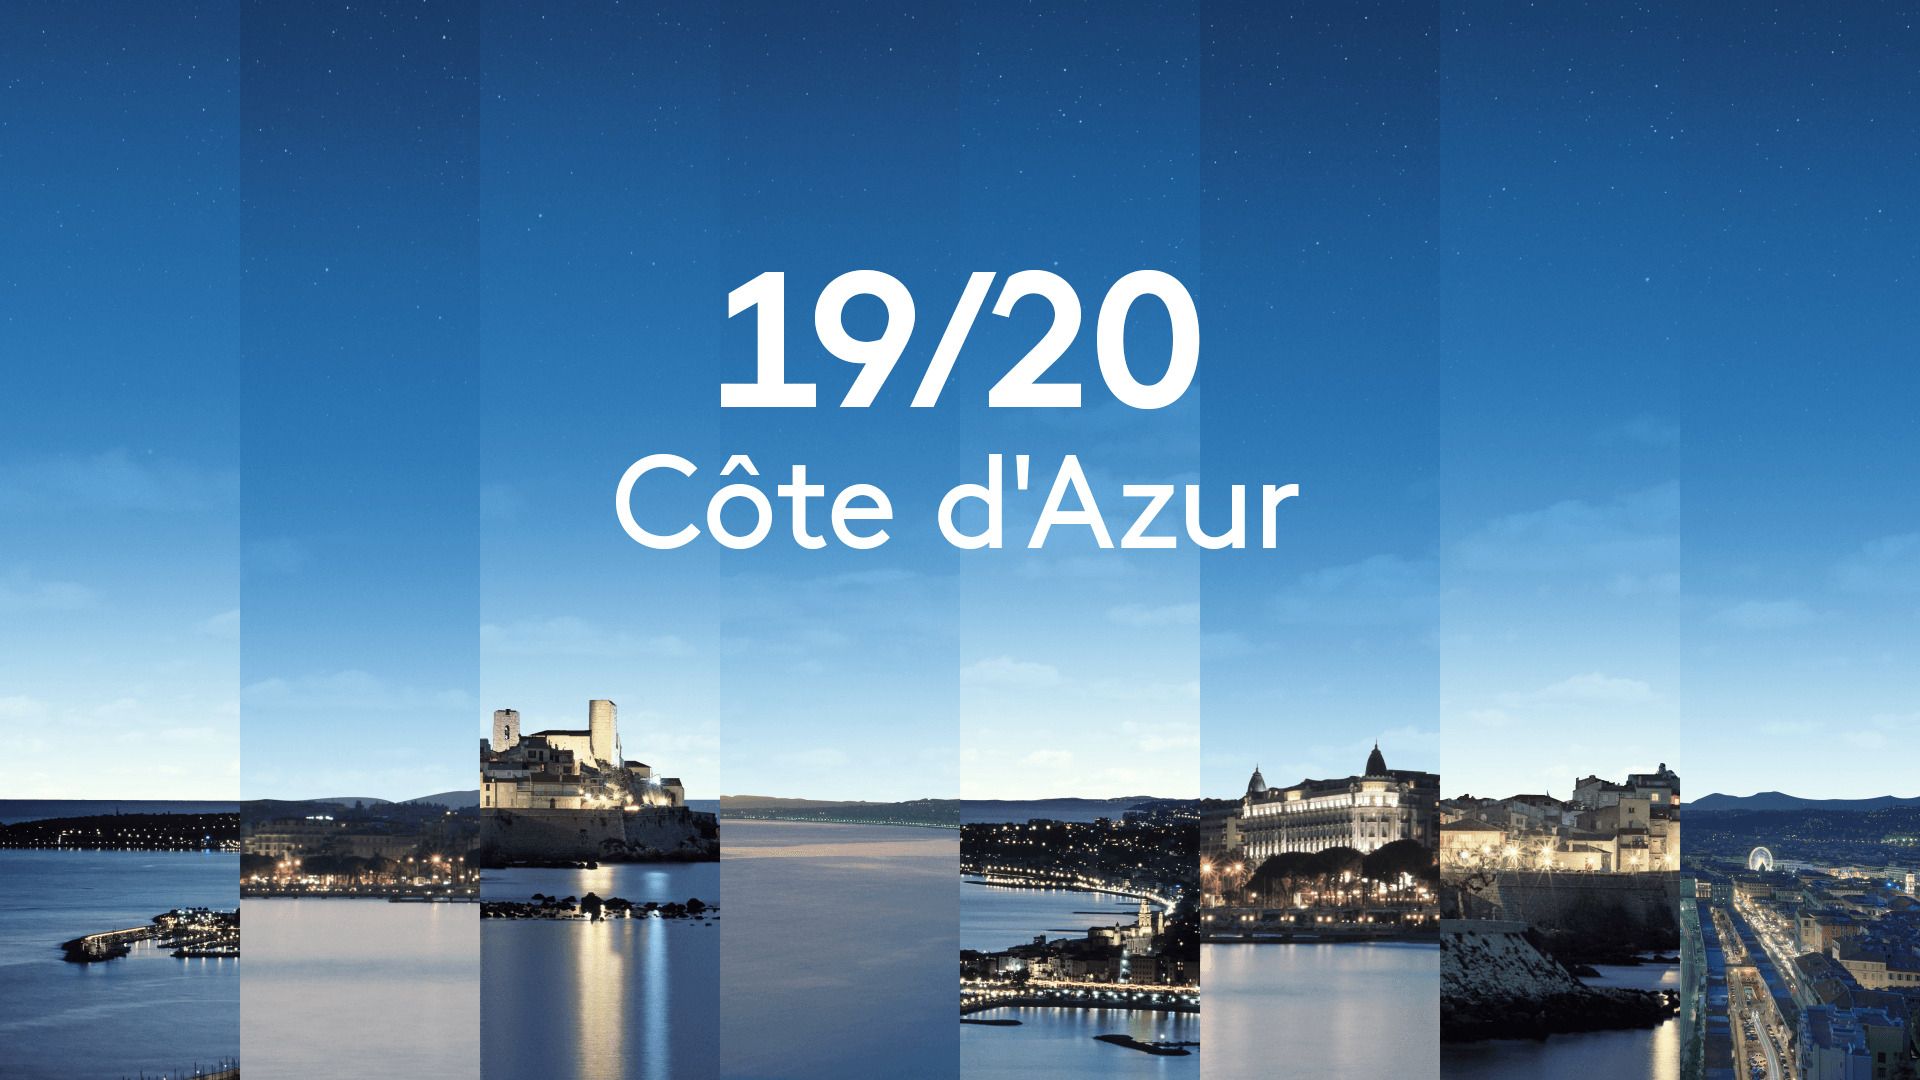 19/20 Côte d'Azur